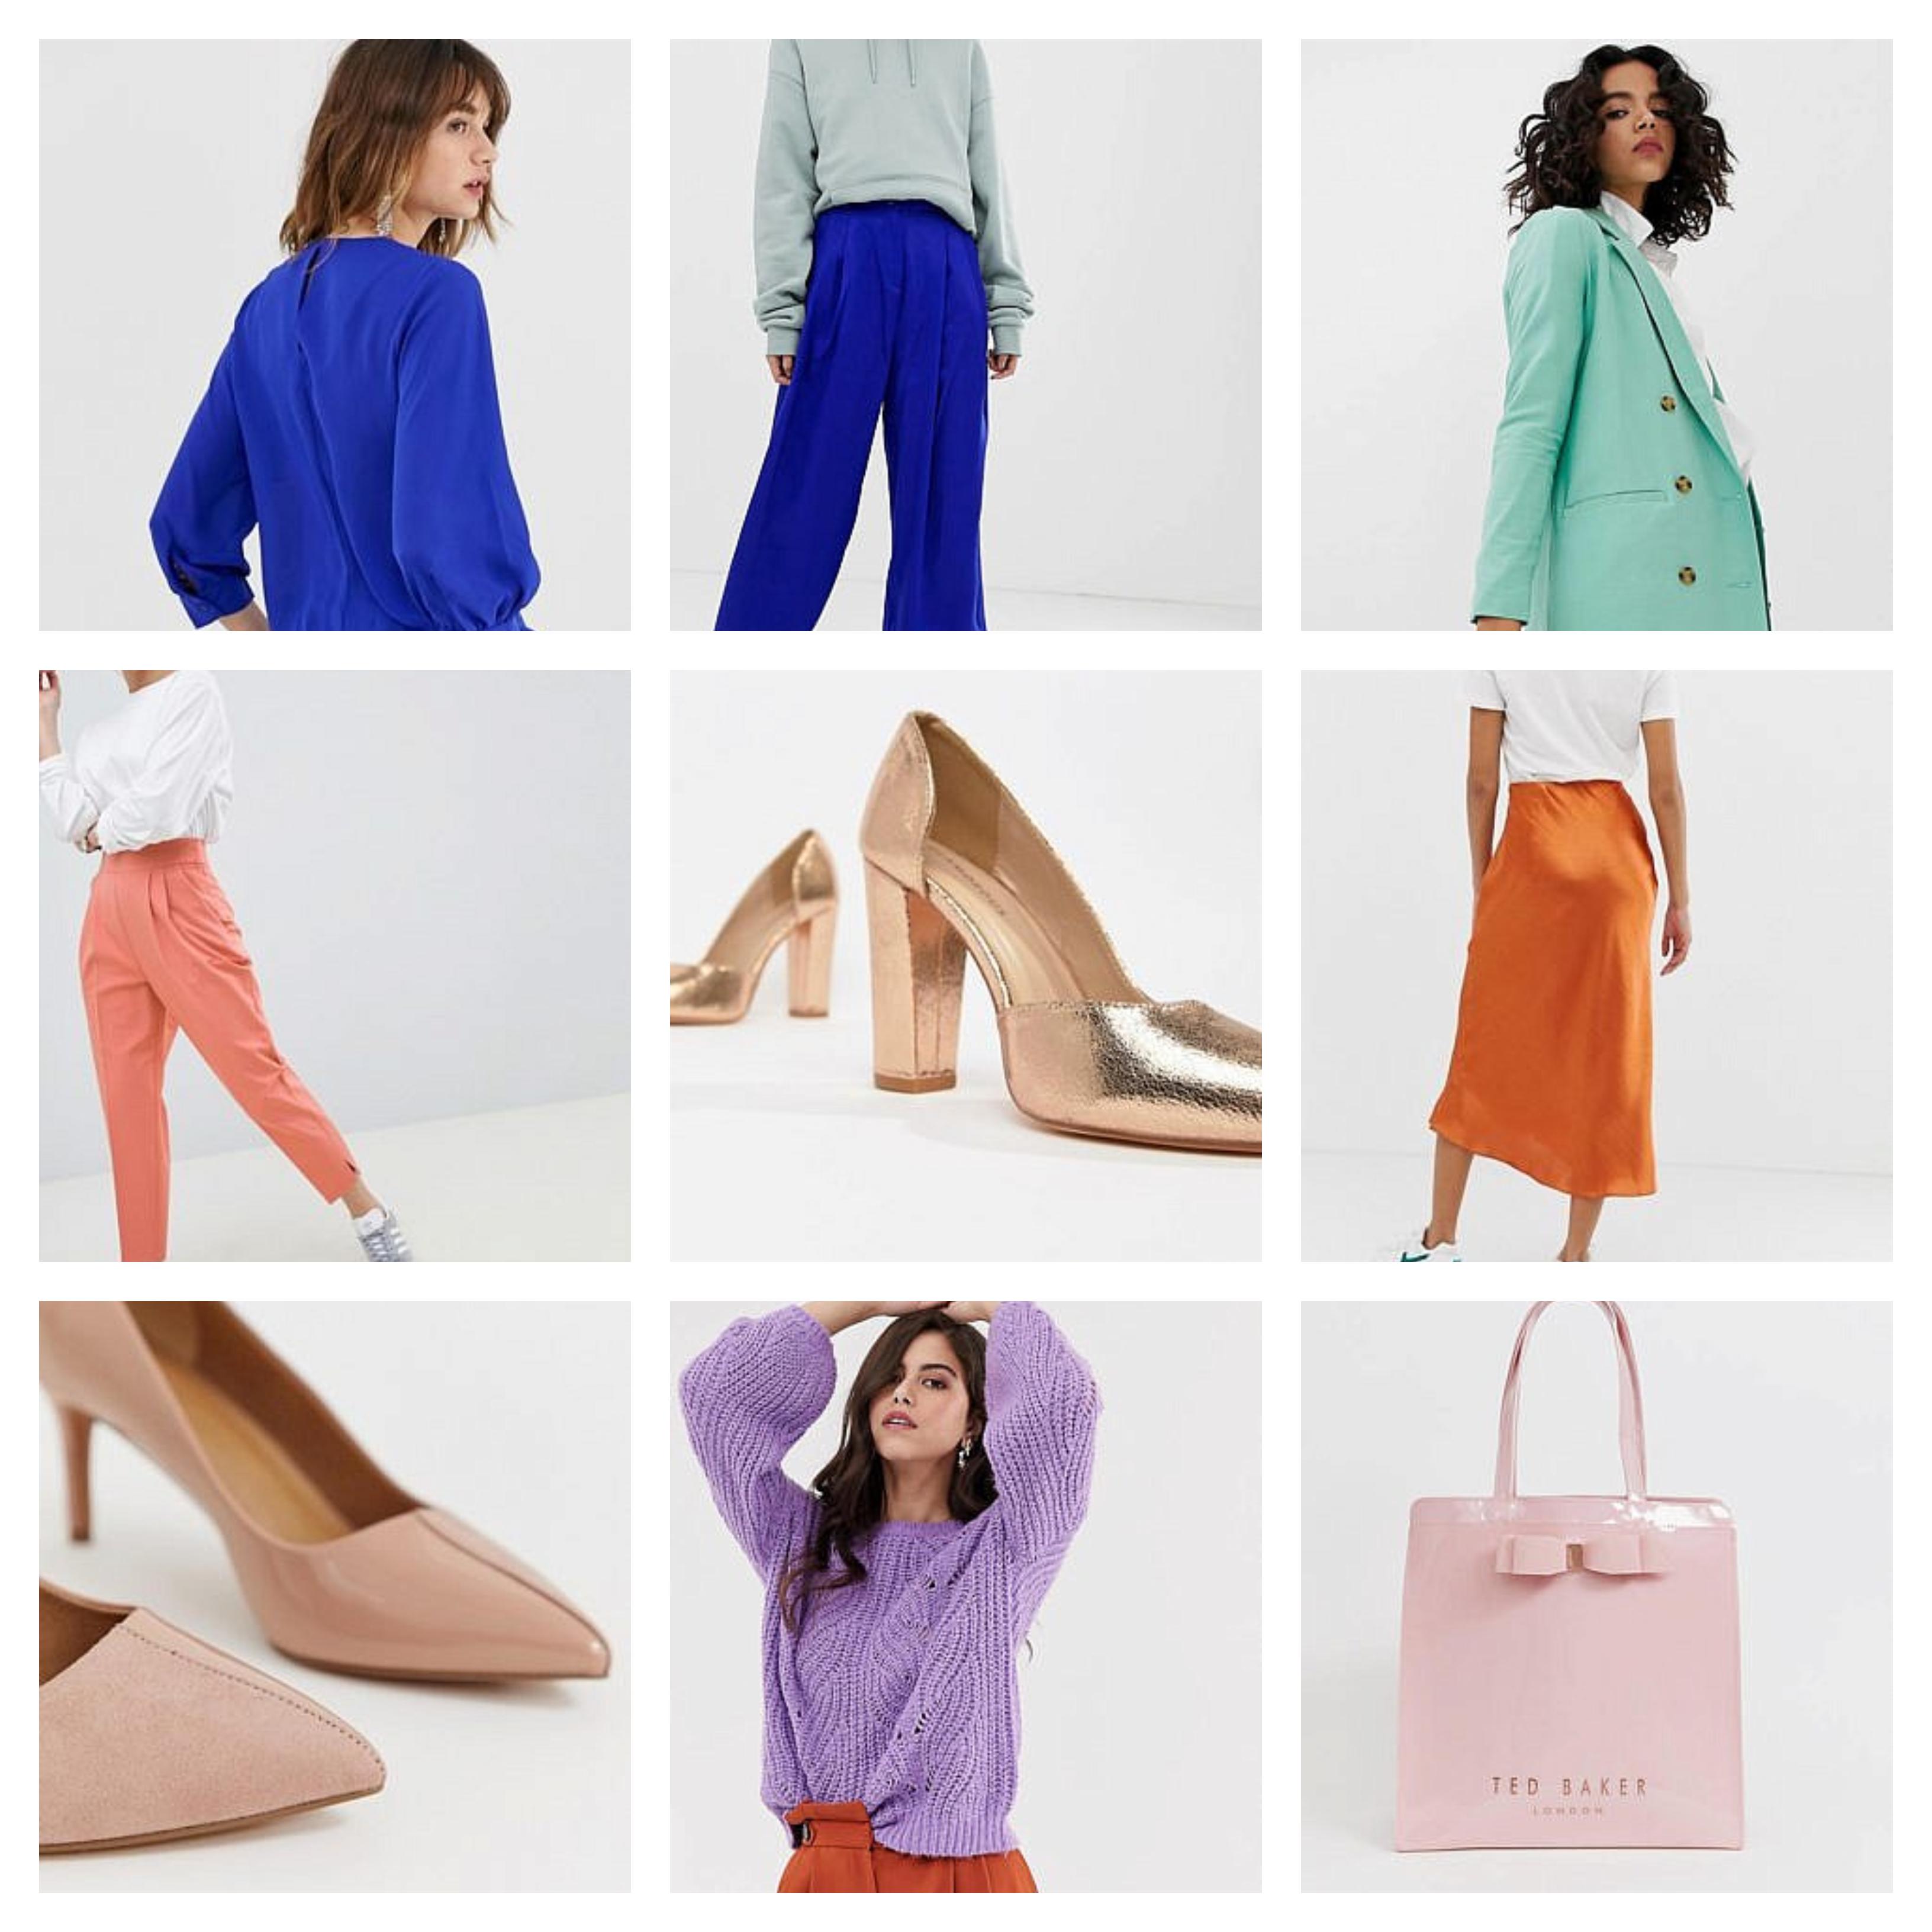 azul oscuro combinado con azul pastel, verde menta con blanco, naranja con blanco y zapatos en dorado, lila y naranja